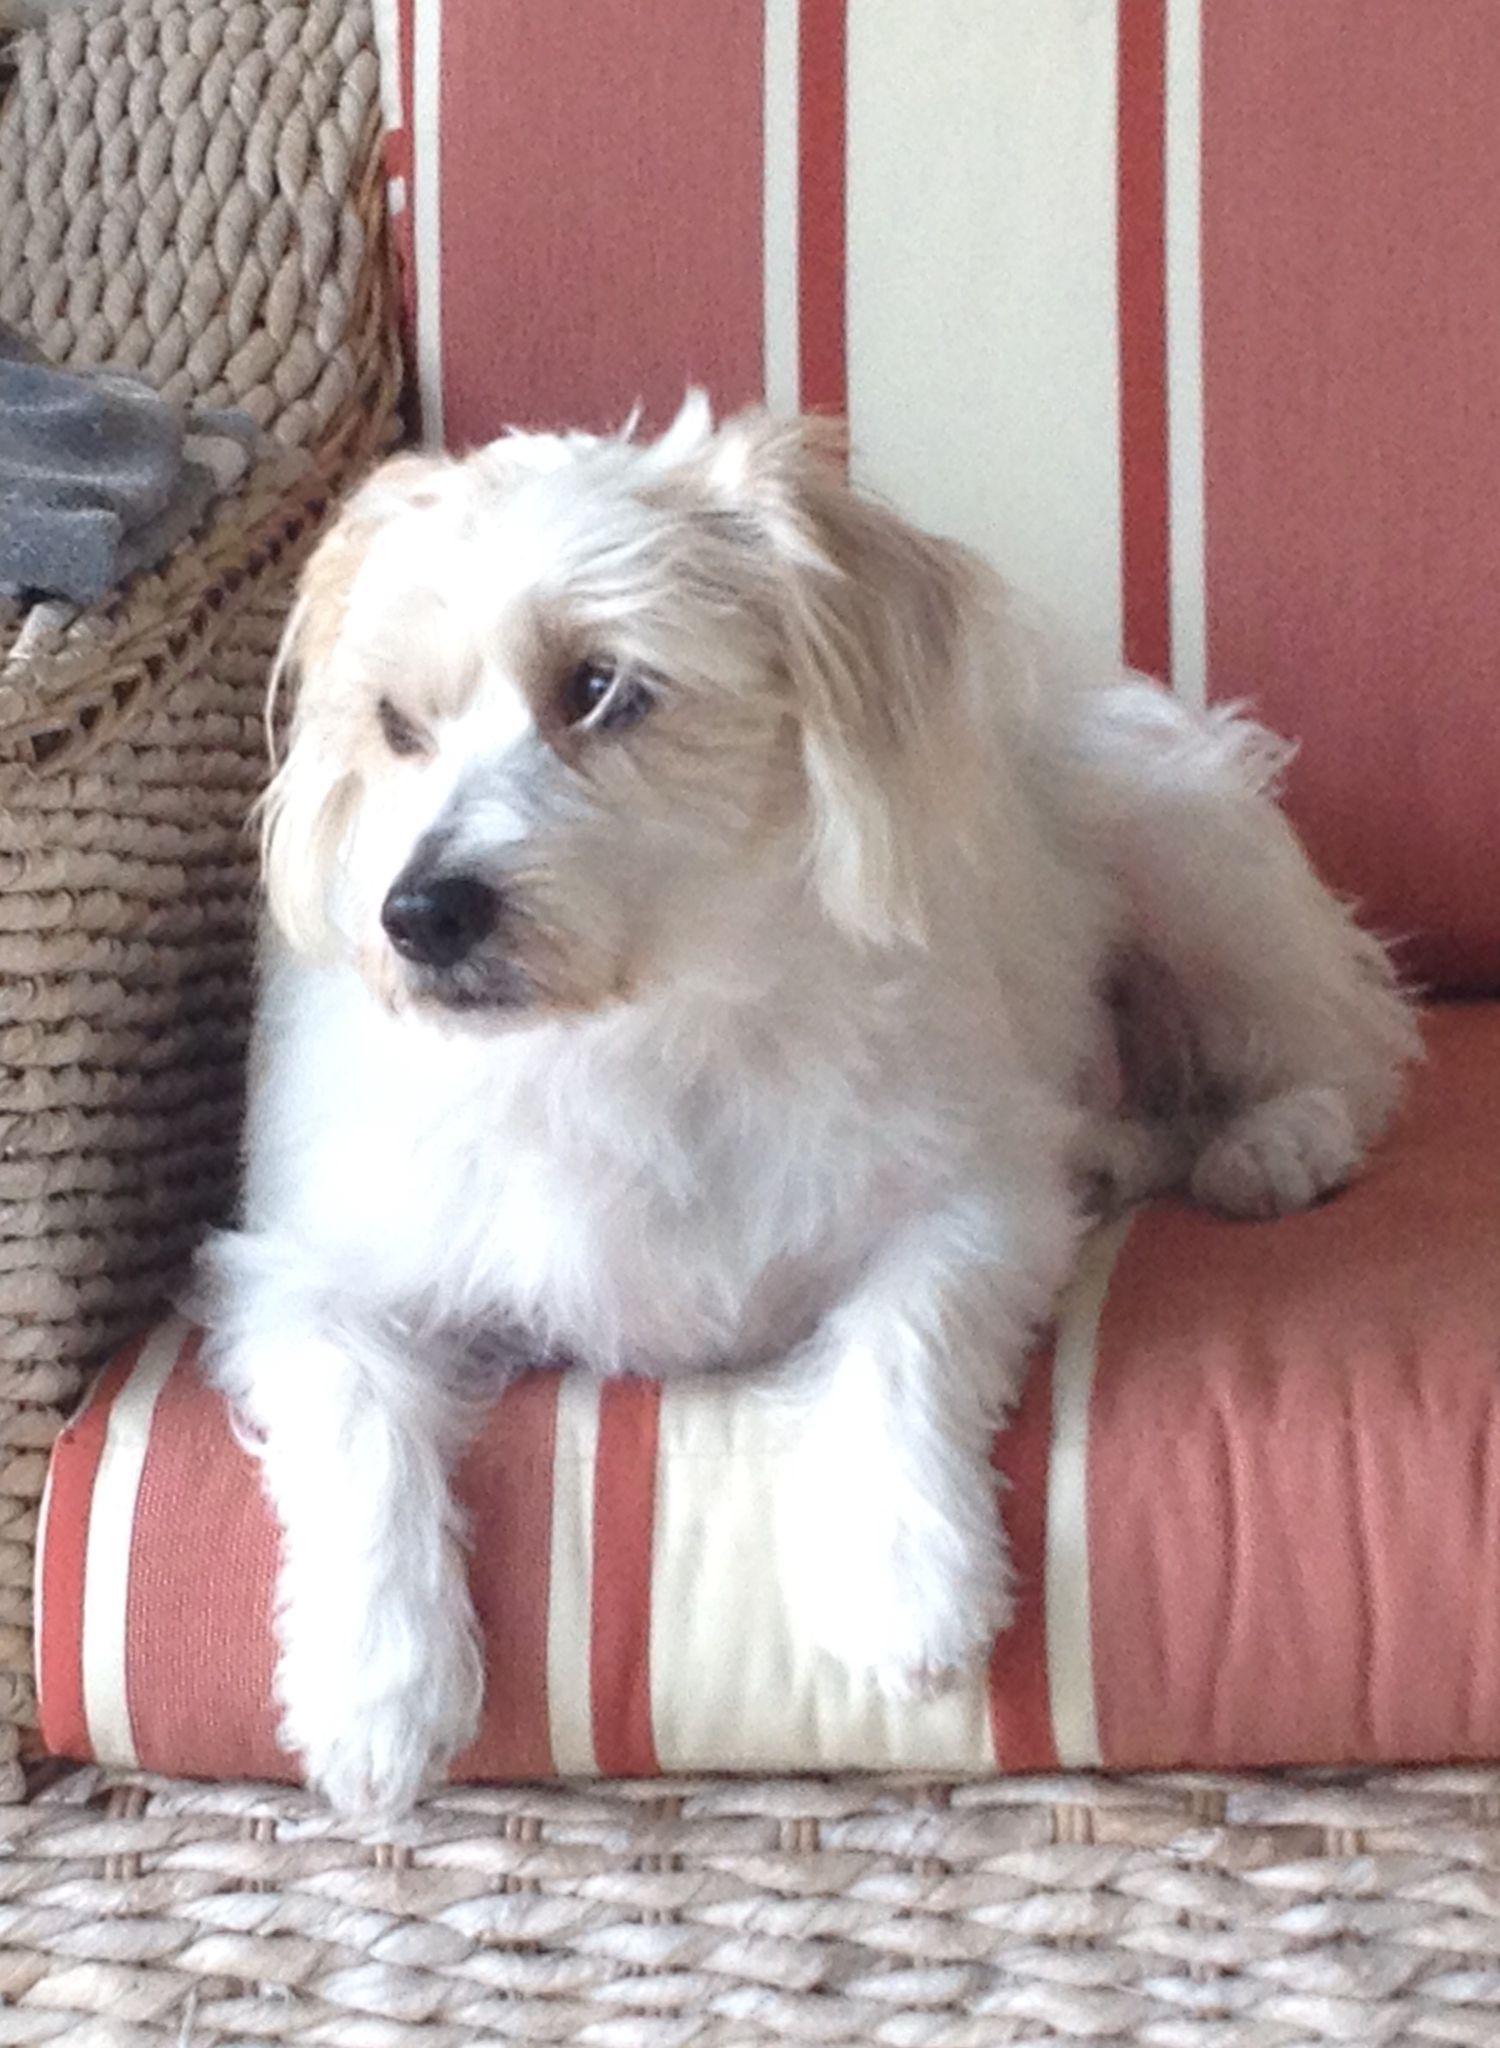 My dog Tache